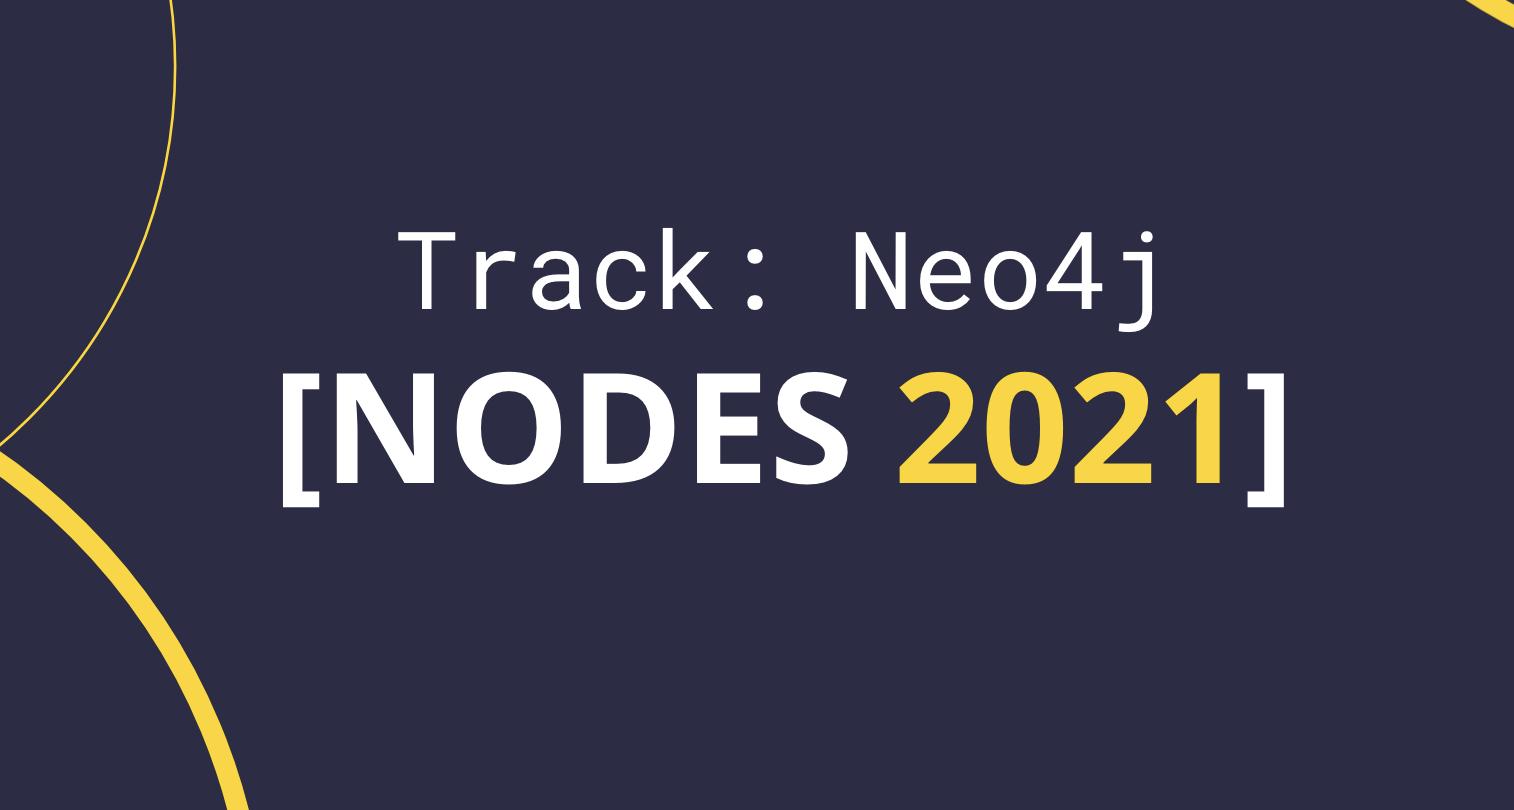 neo4j track